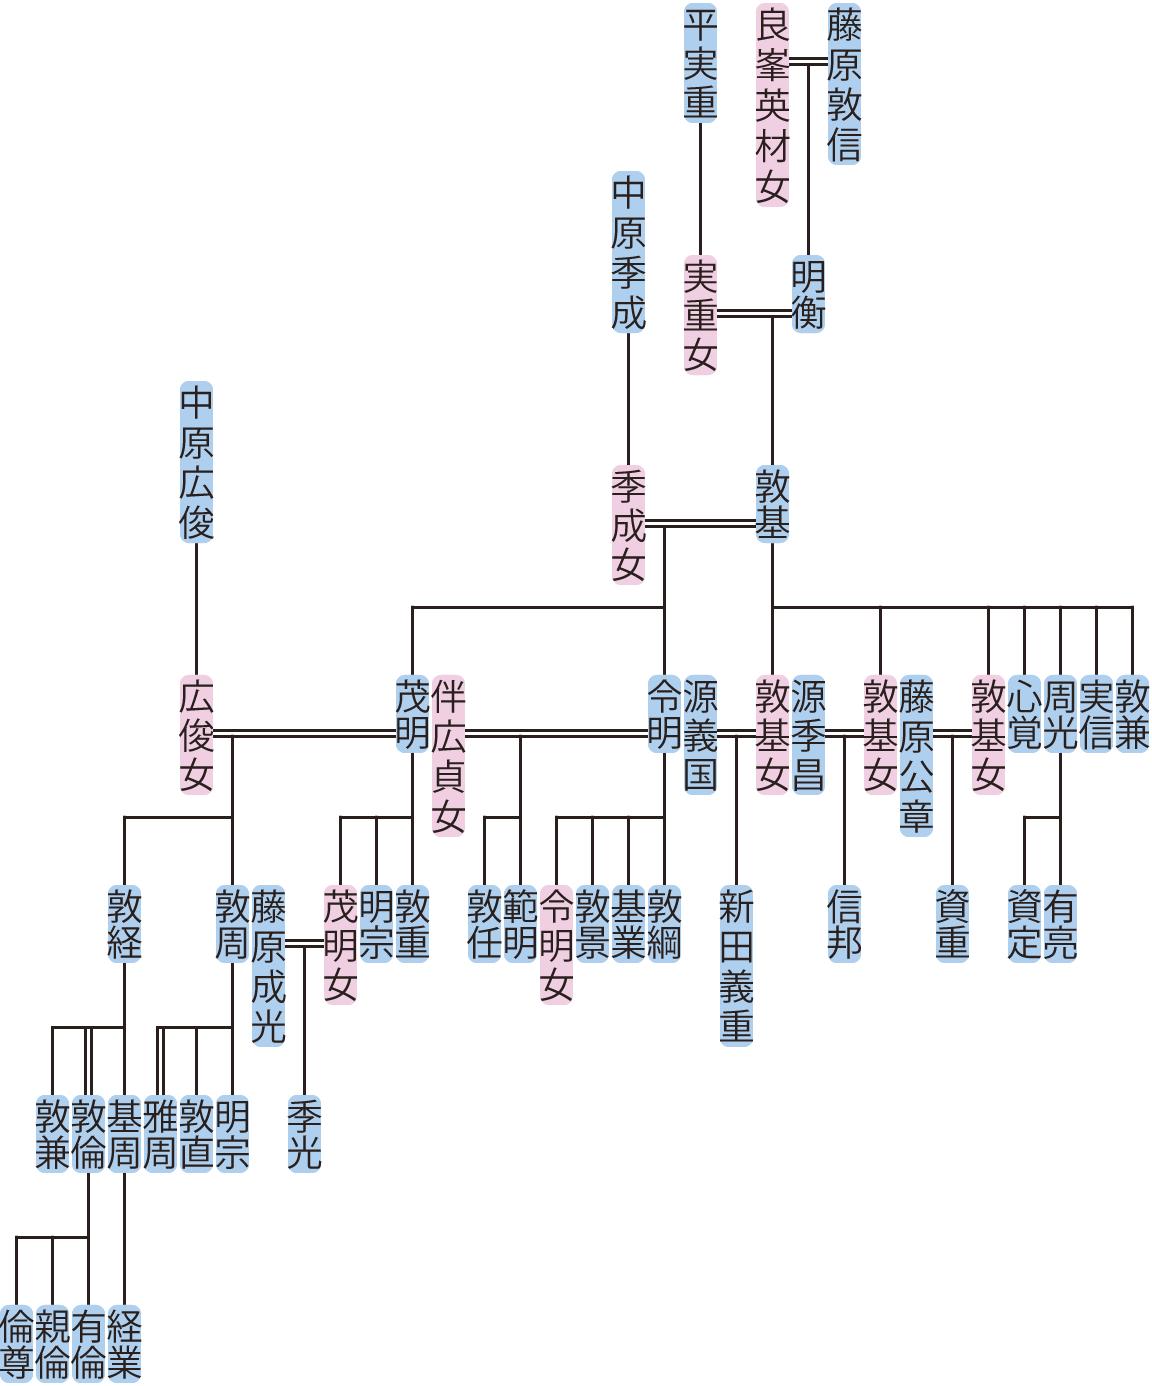 藤原敦基の系図